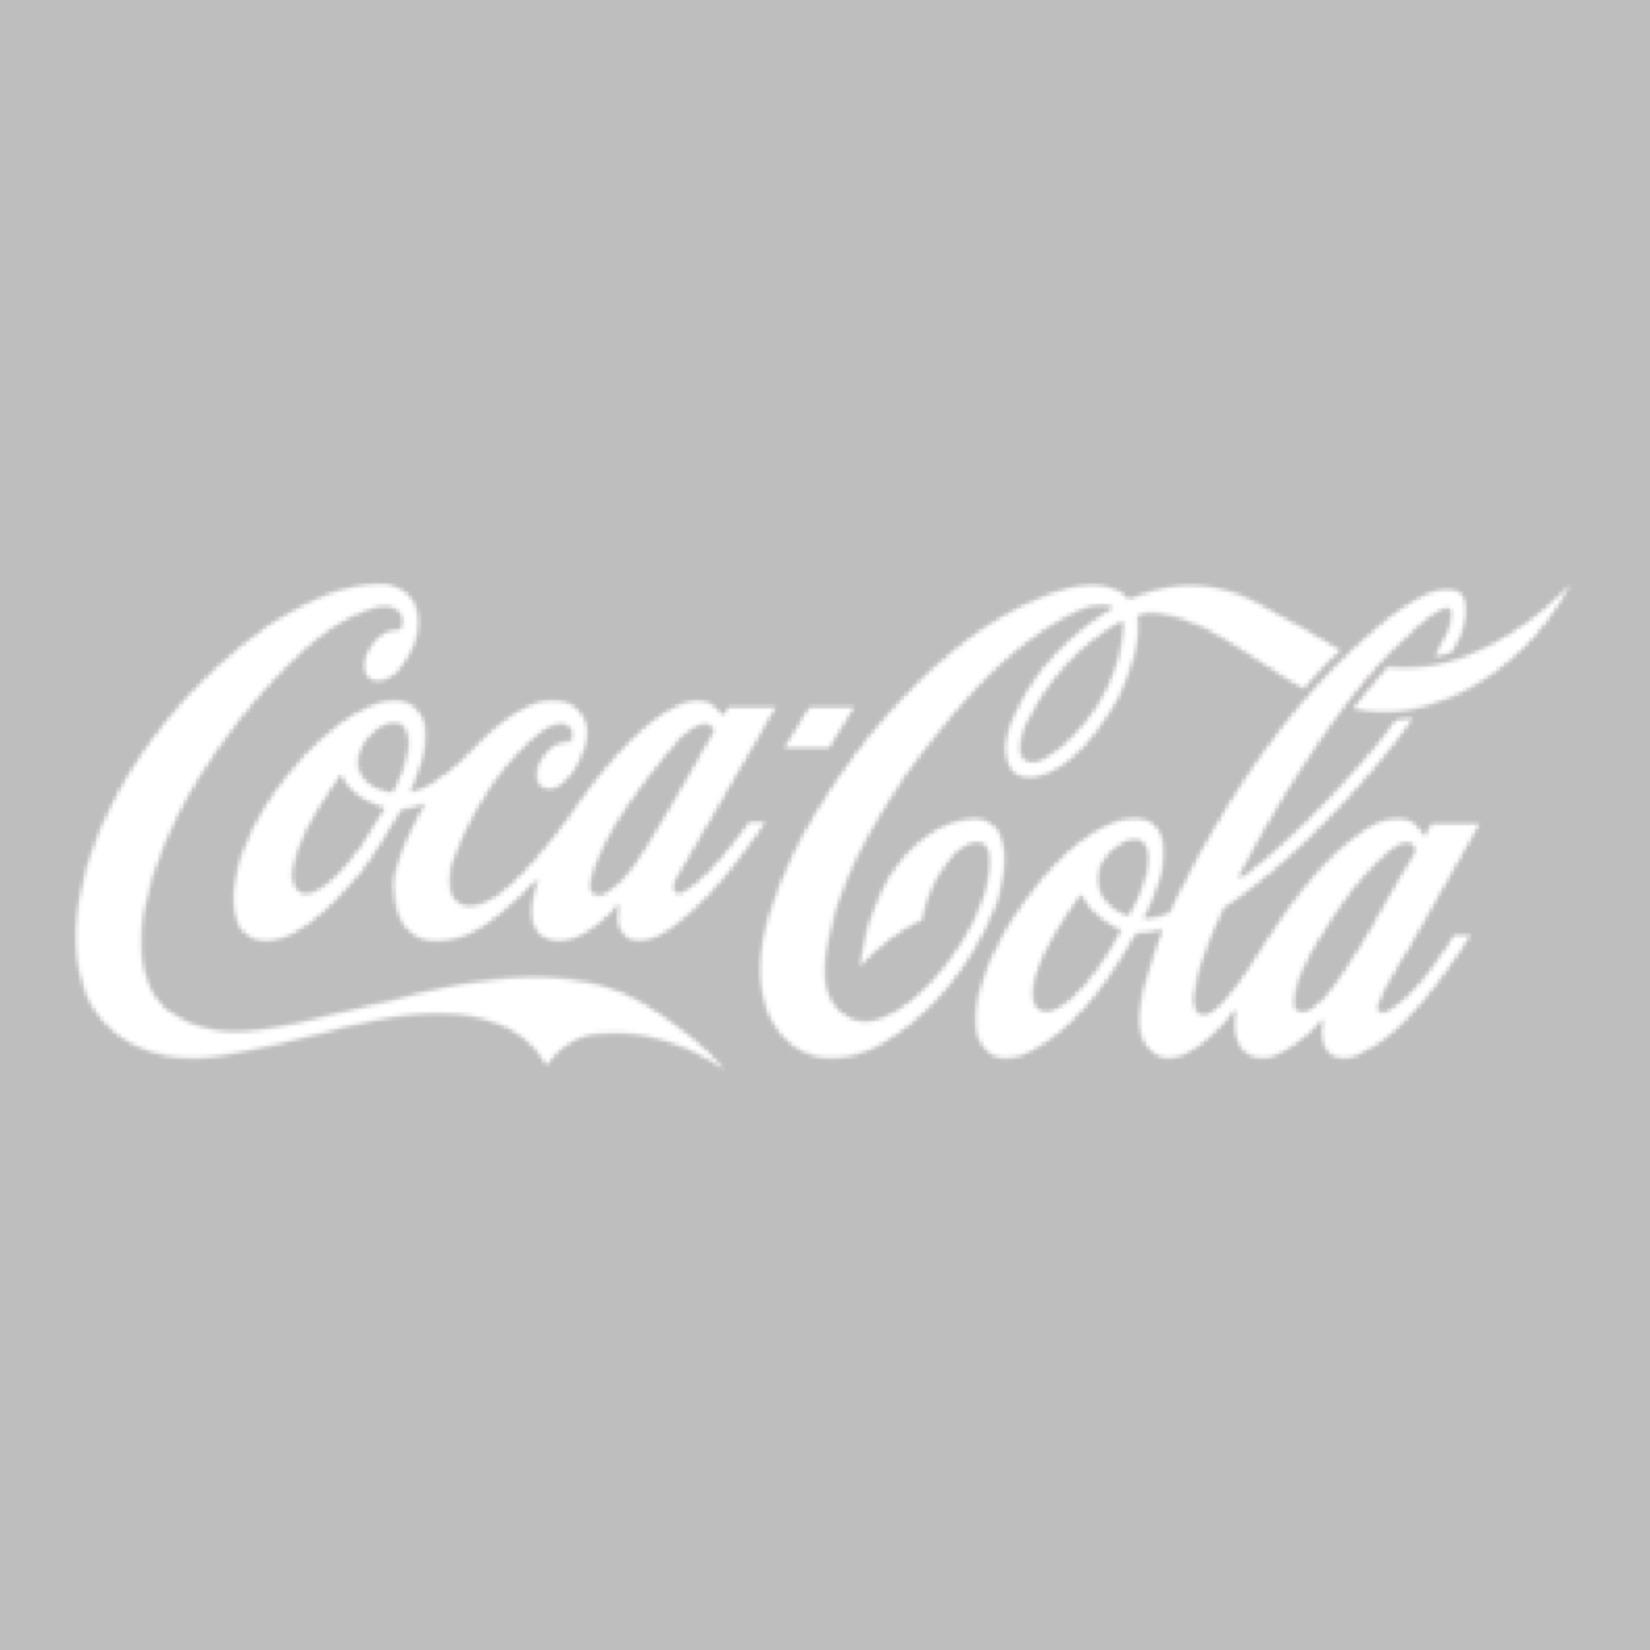 APG-CocaCola.jpg